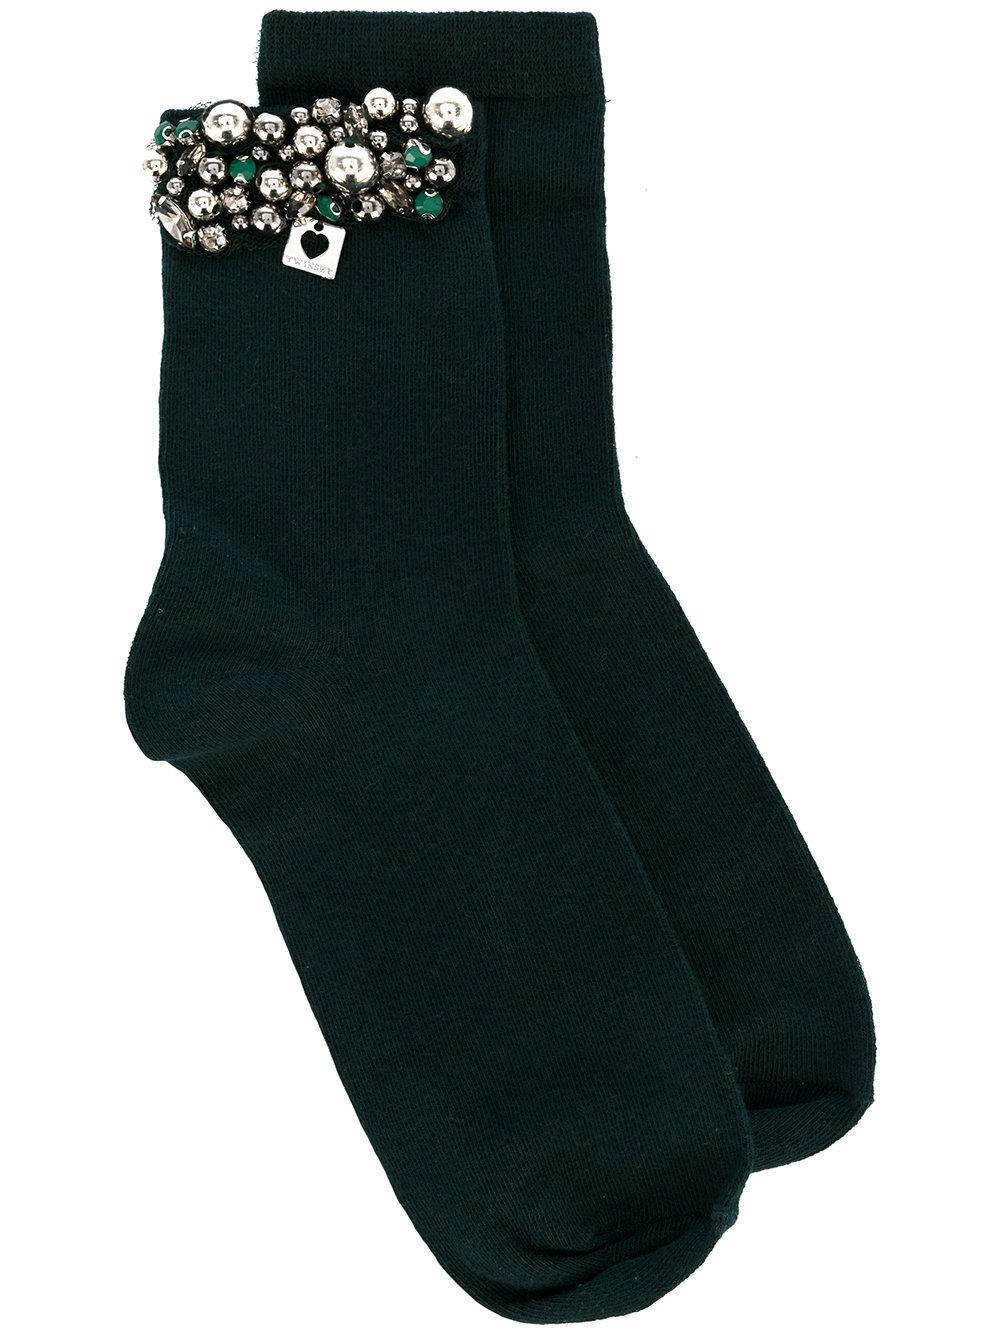 Мода. Носки с камнями. Купить